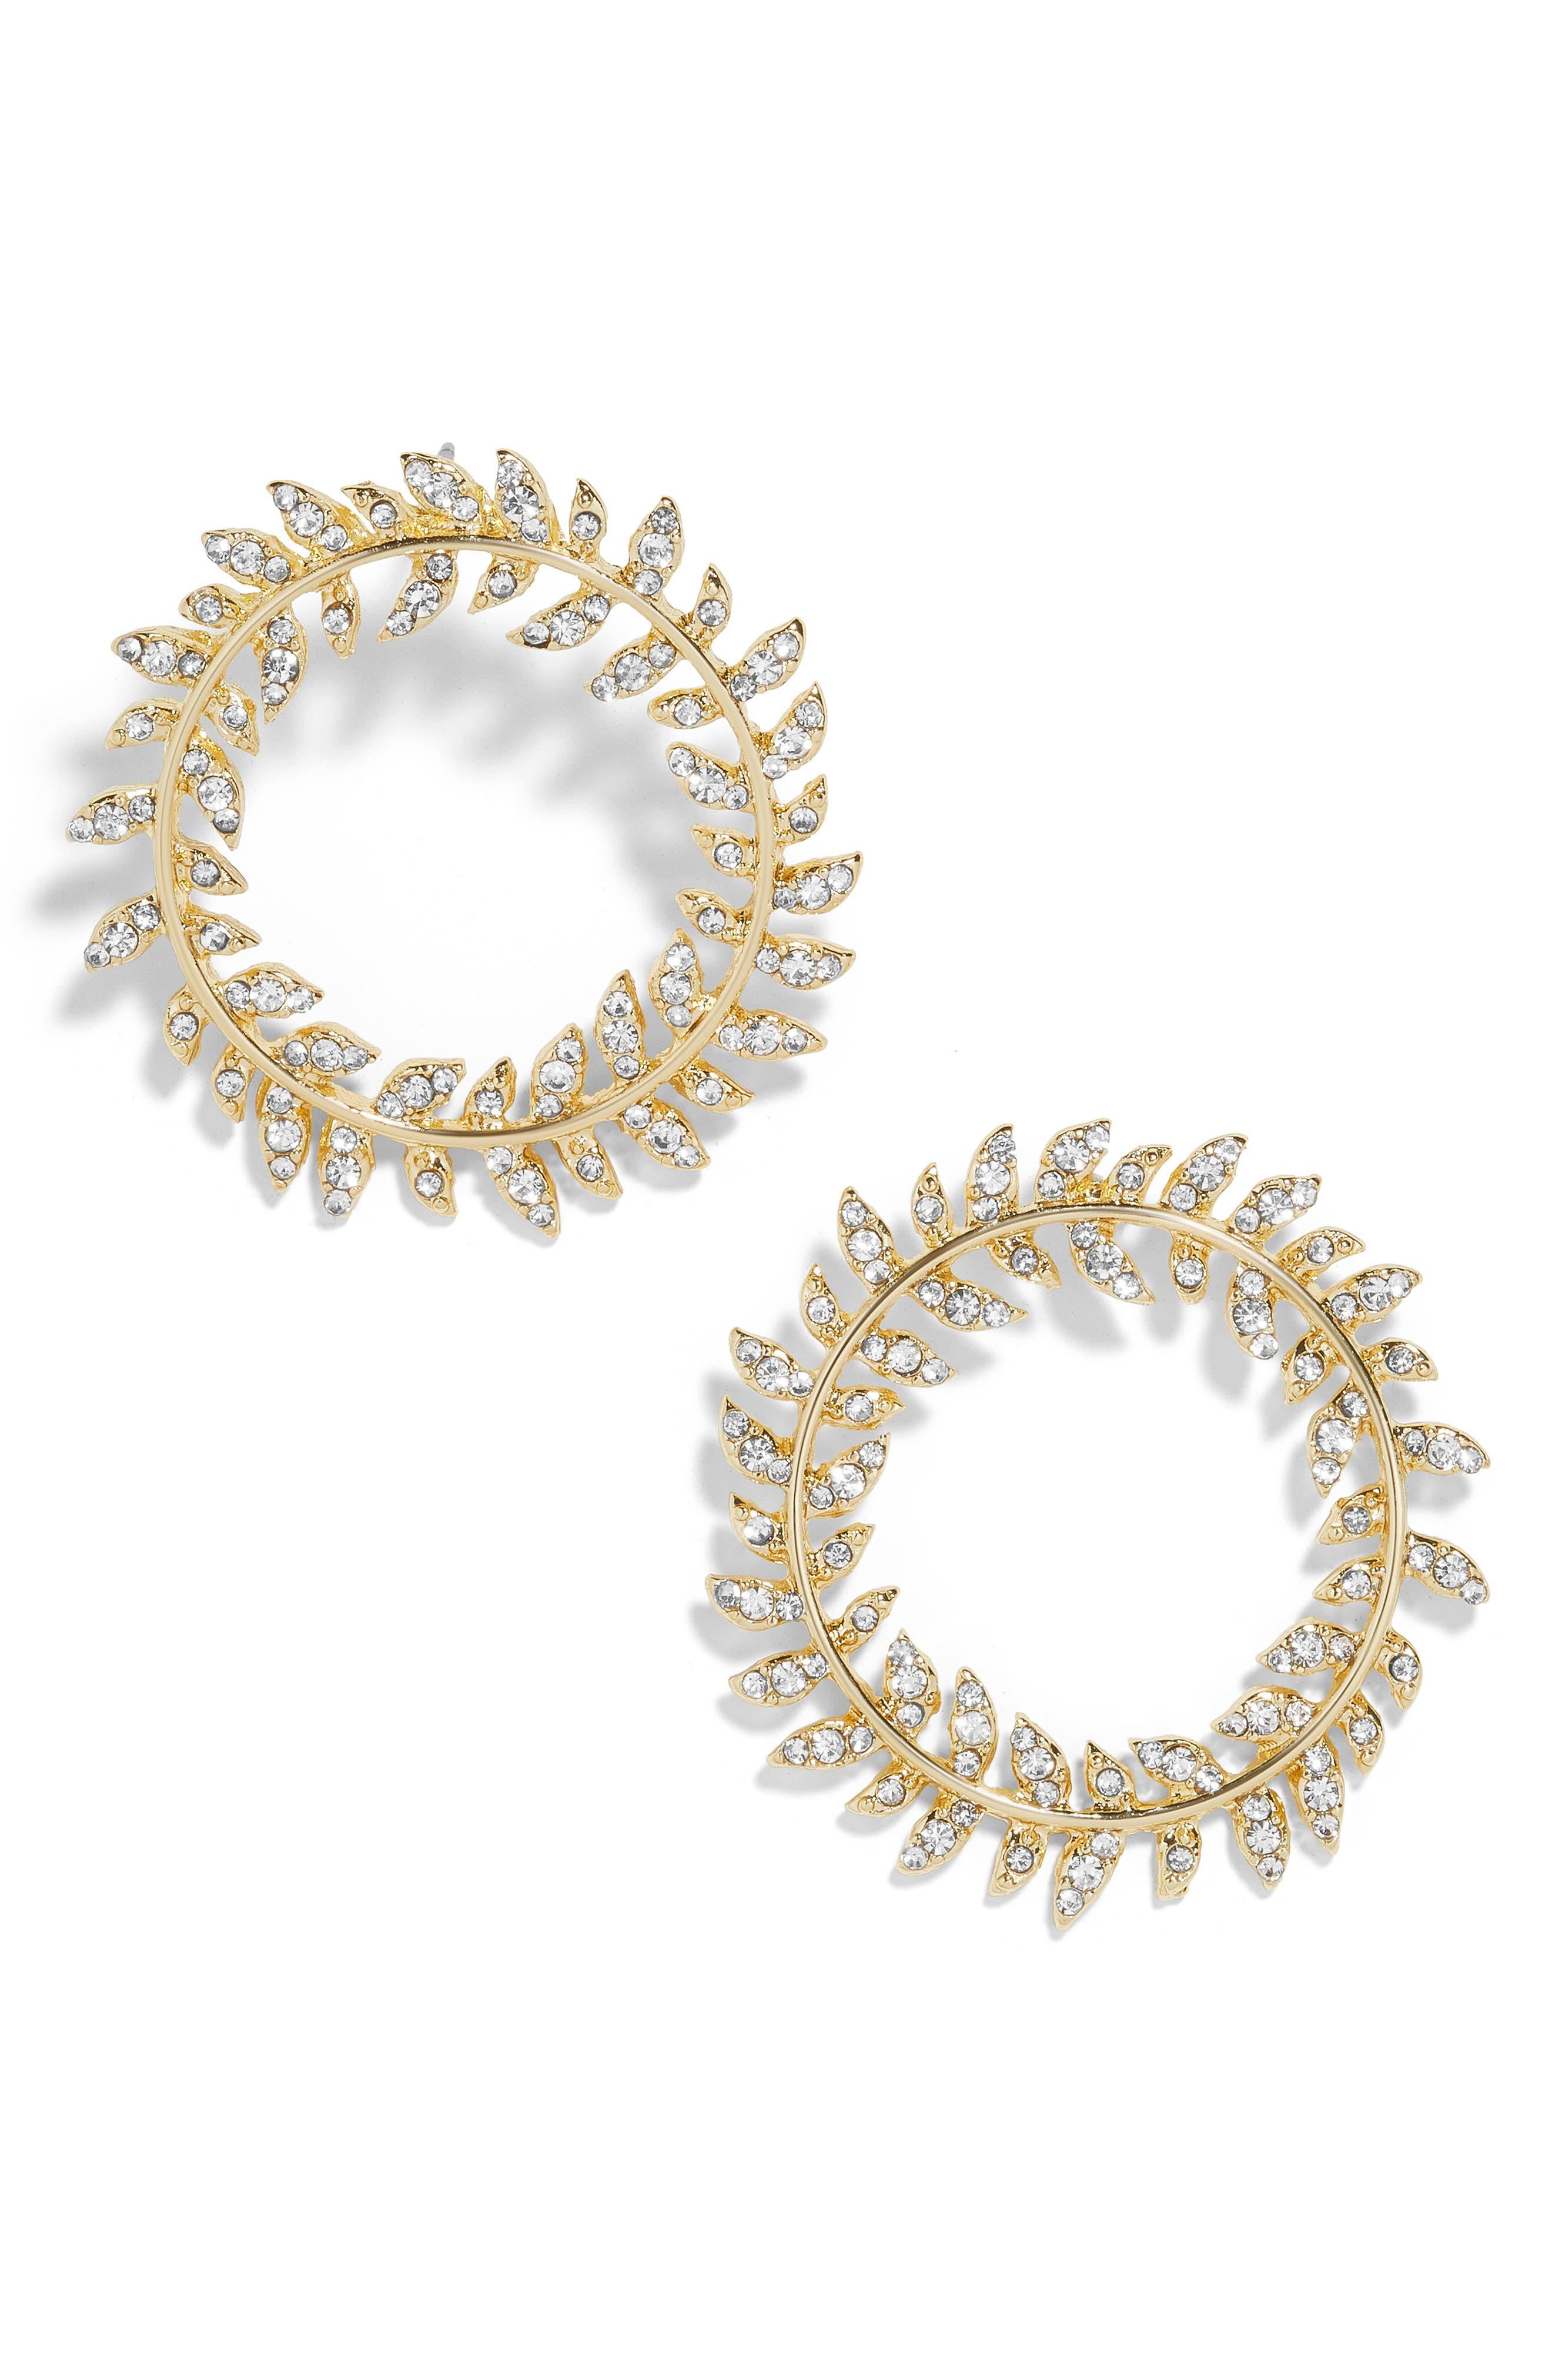 BAUBLEBAR, Protea Hoop Earrings, Main thumbnail 1, color, 710